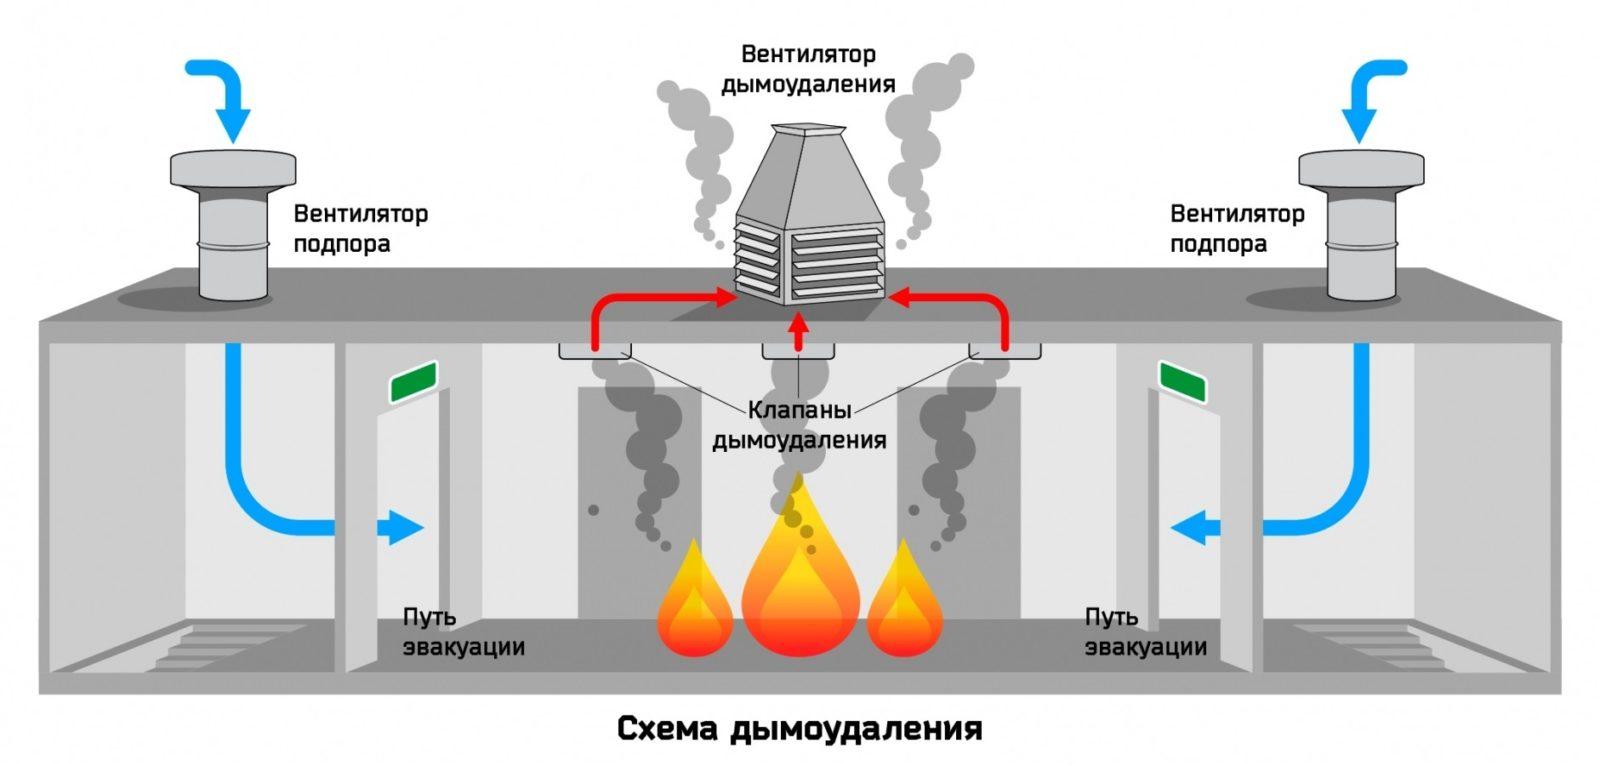 состав системы дымоудаления